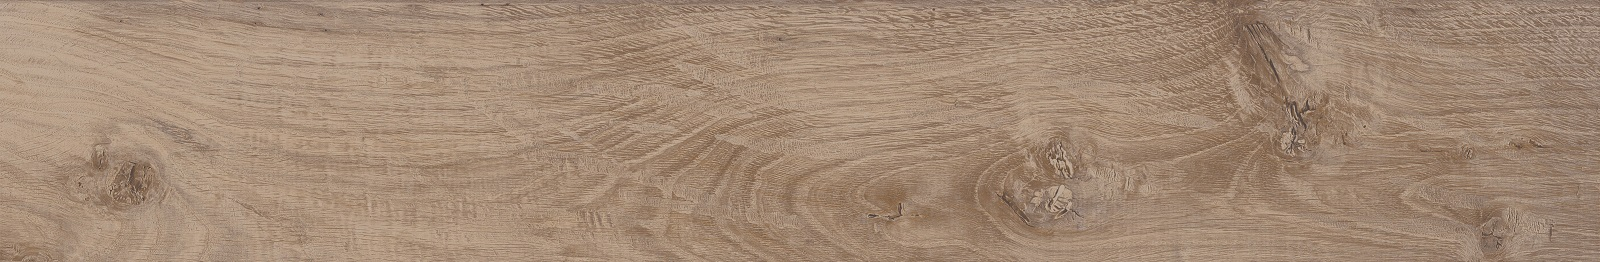 Плитка Allwood Beige (zzxwu3r) изображение 7